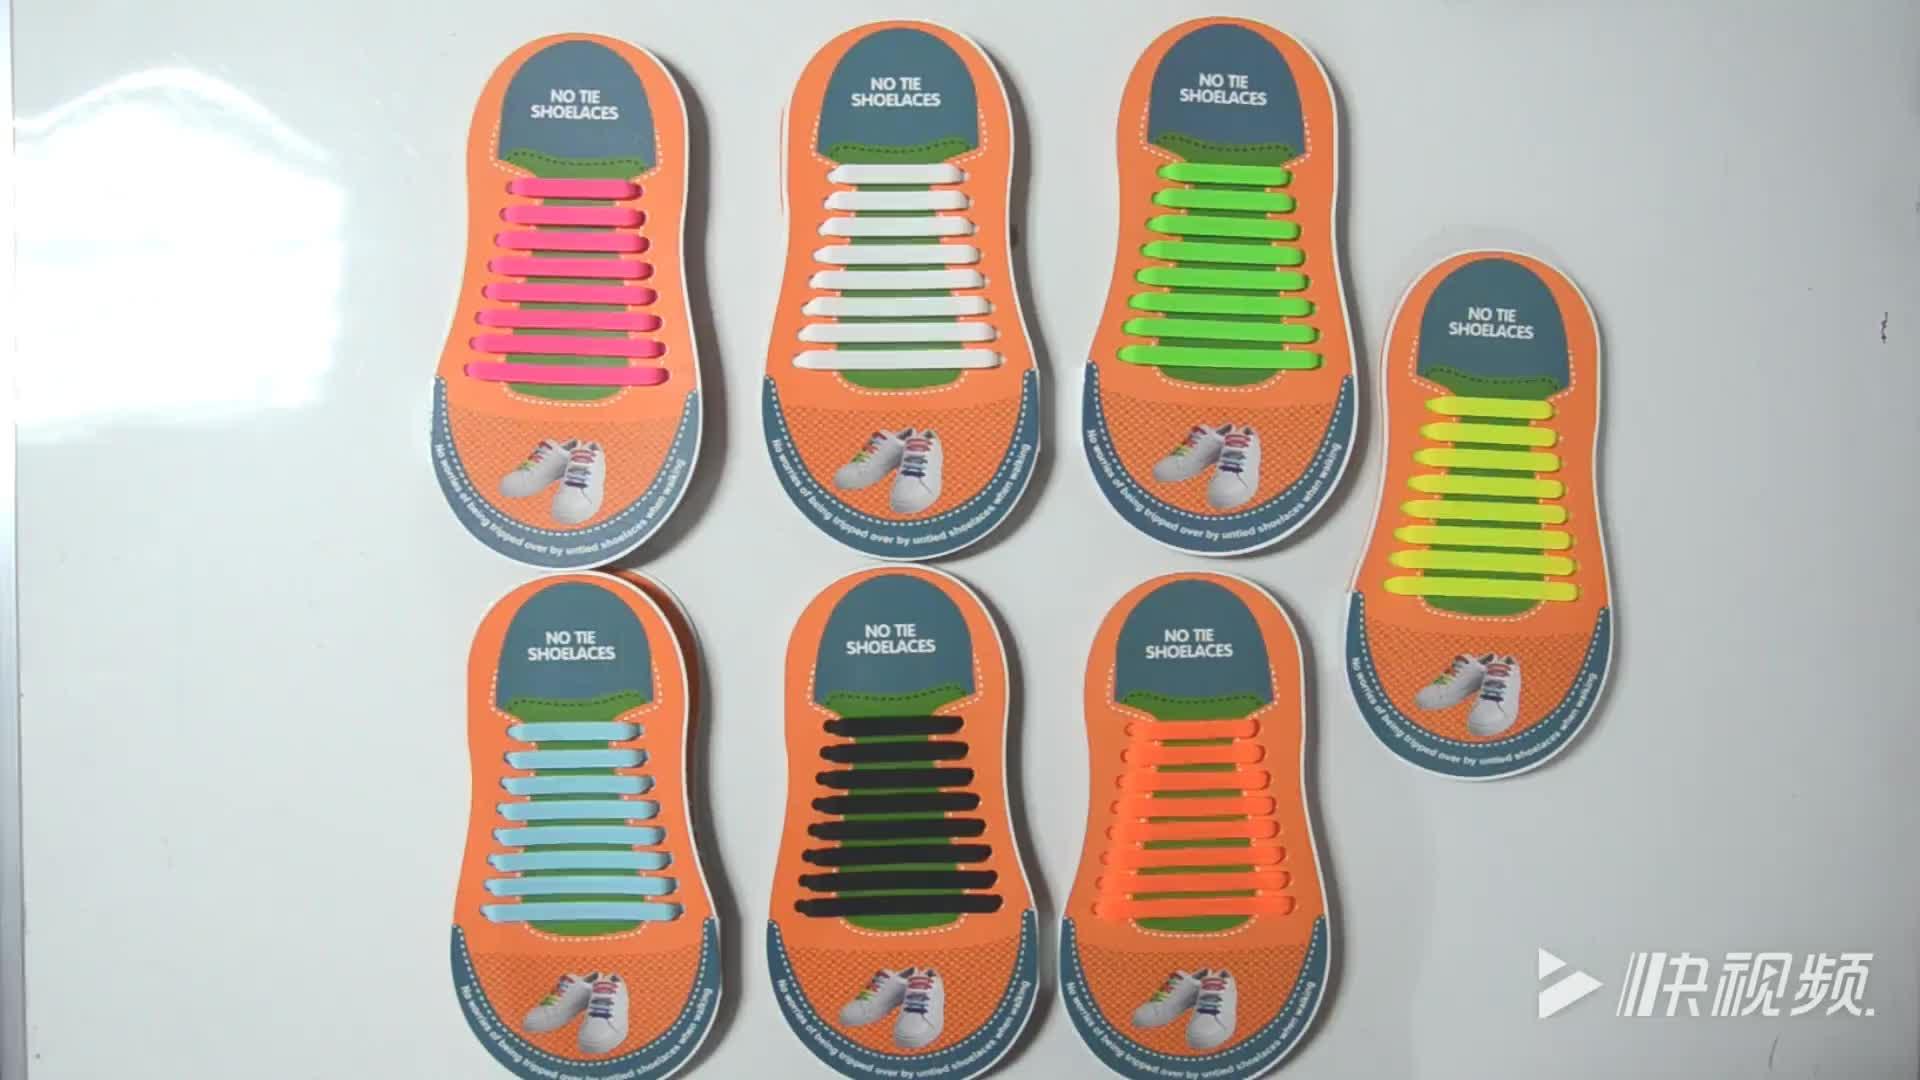 โรงงานโดยตรงขายซิลิโคนไม่มี Tie เชือกผูกรองเท้า Cool Running Elastic รองเท้าไม่มี Laces